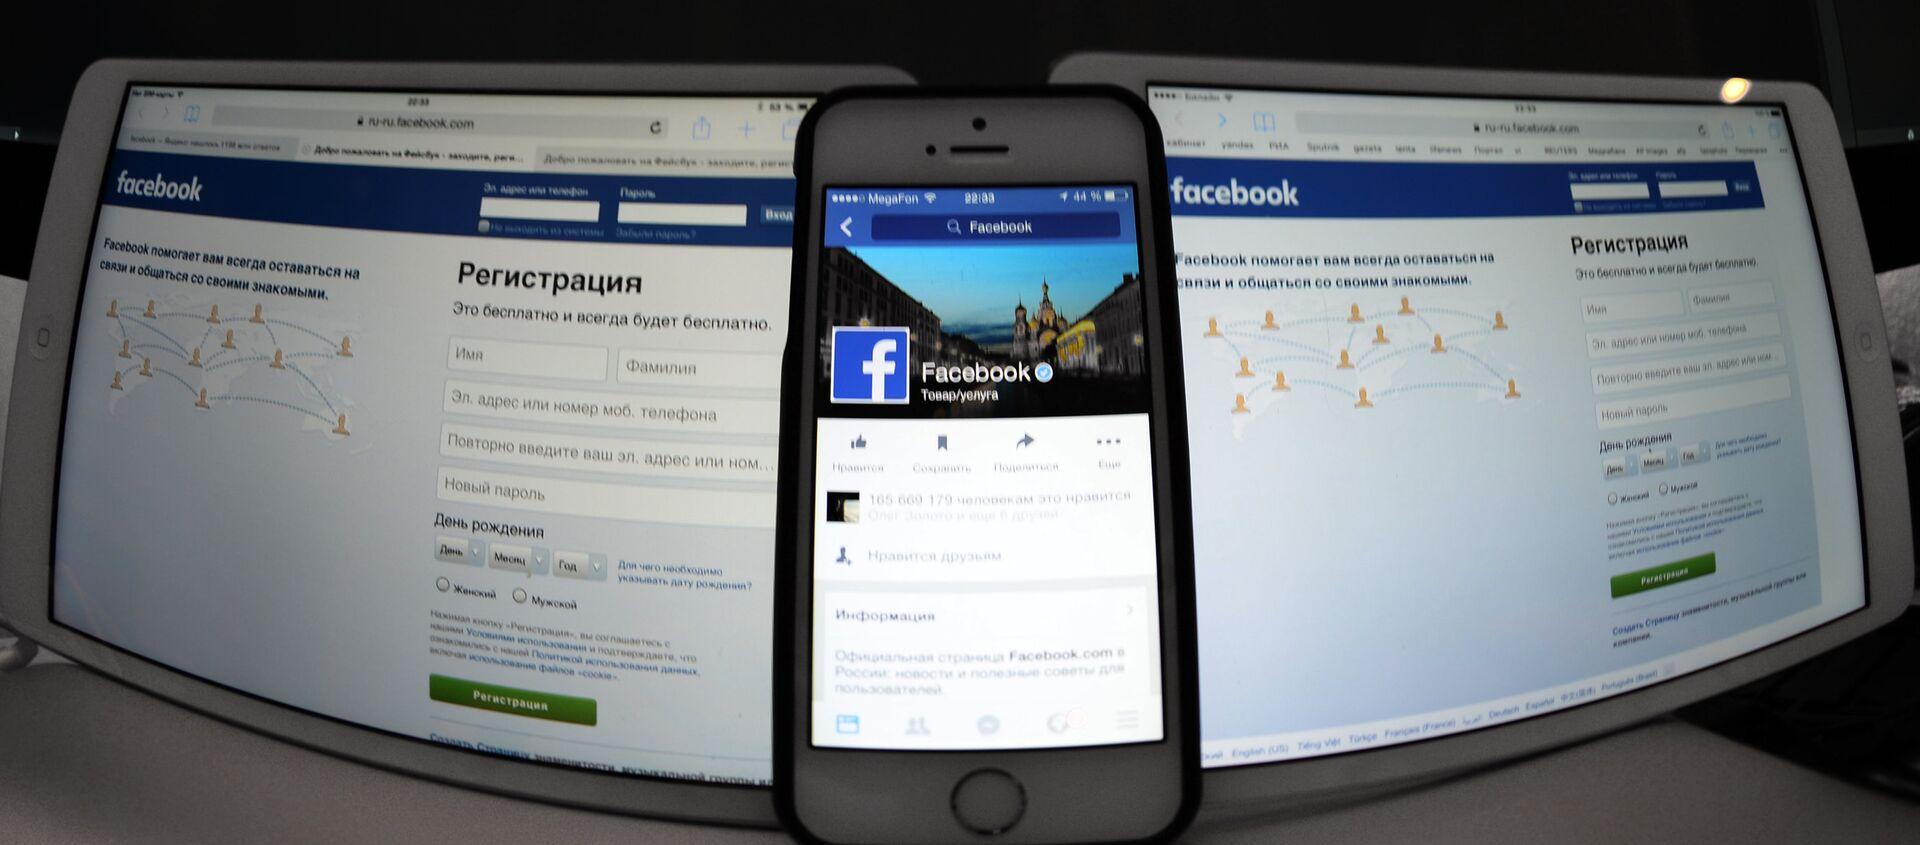 Το Facebook σε κινητό και υπολογιστή - Sputnik Ελλάδα, 1920, 20.02.2019